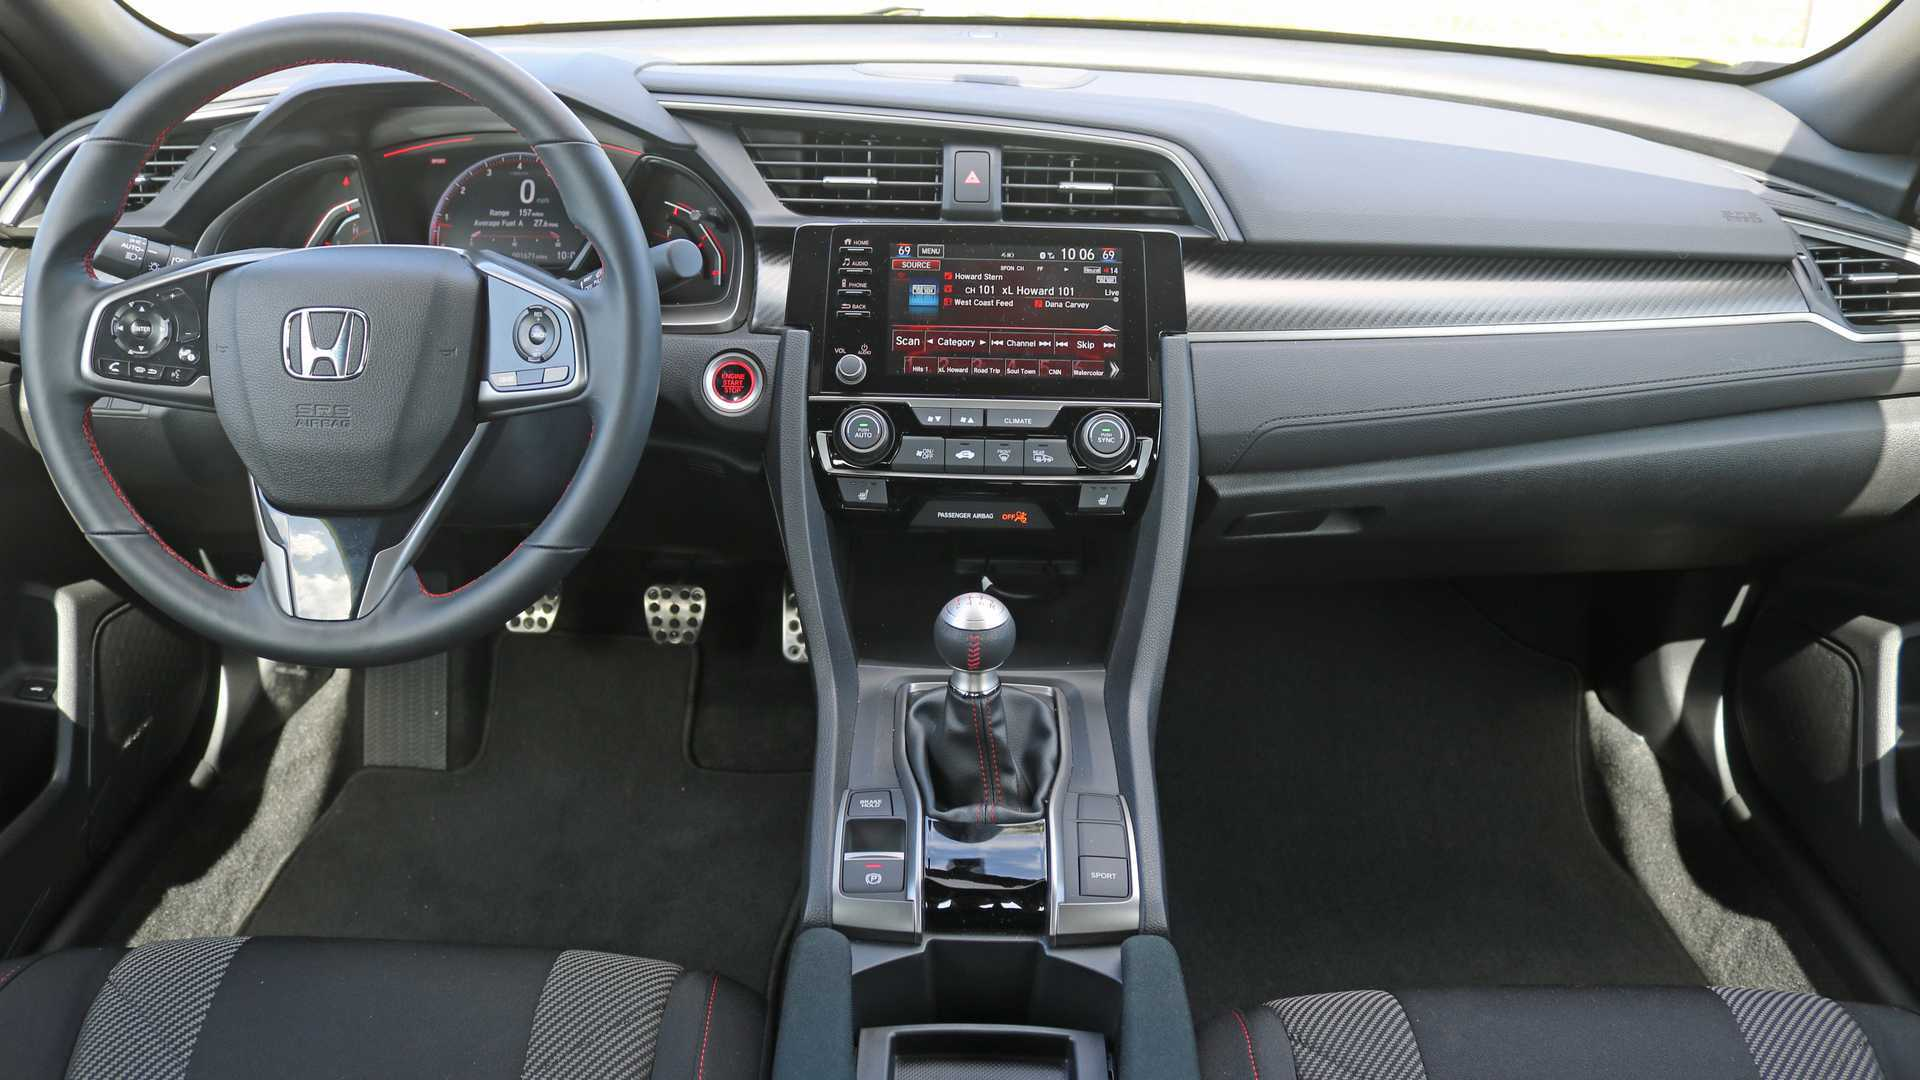 思域的那点干货:208马力,两扇门胜高尔夫GTI,缺点也不少